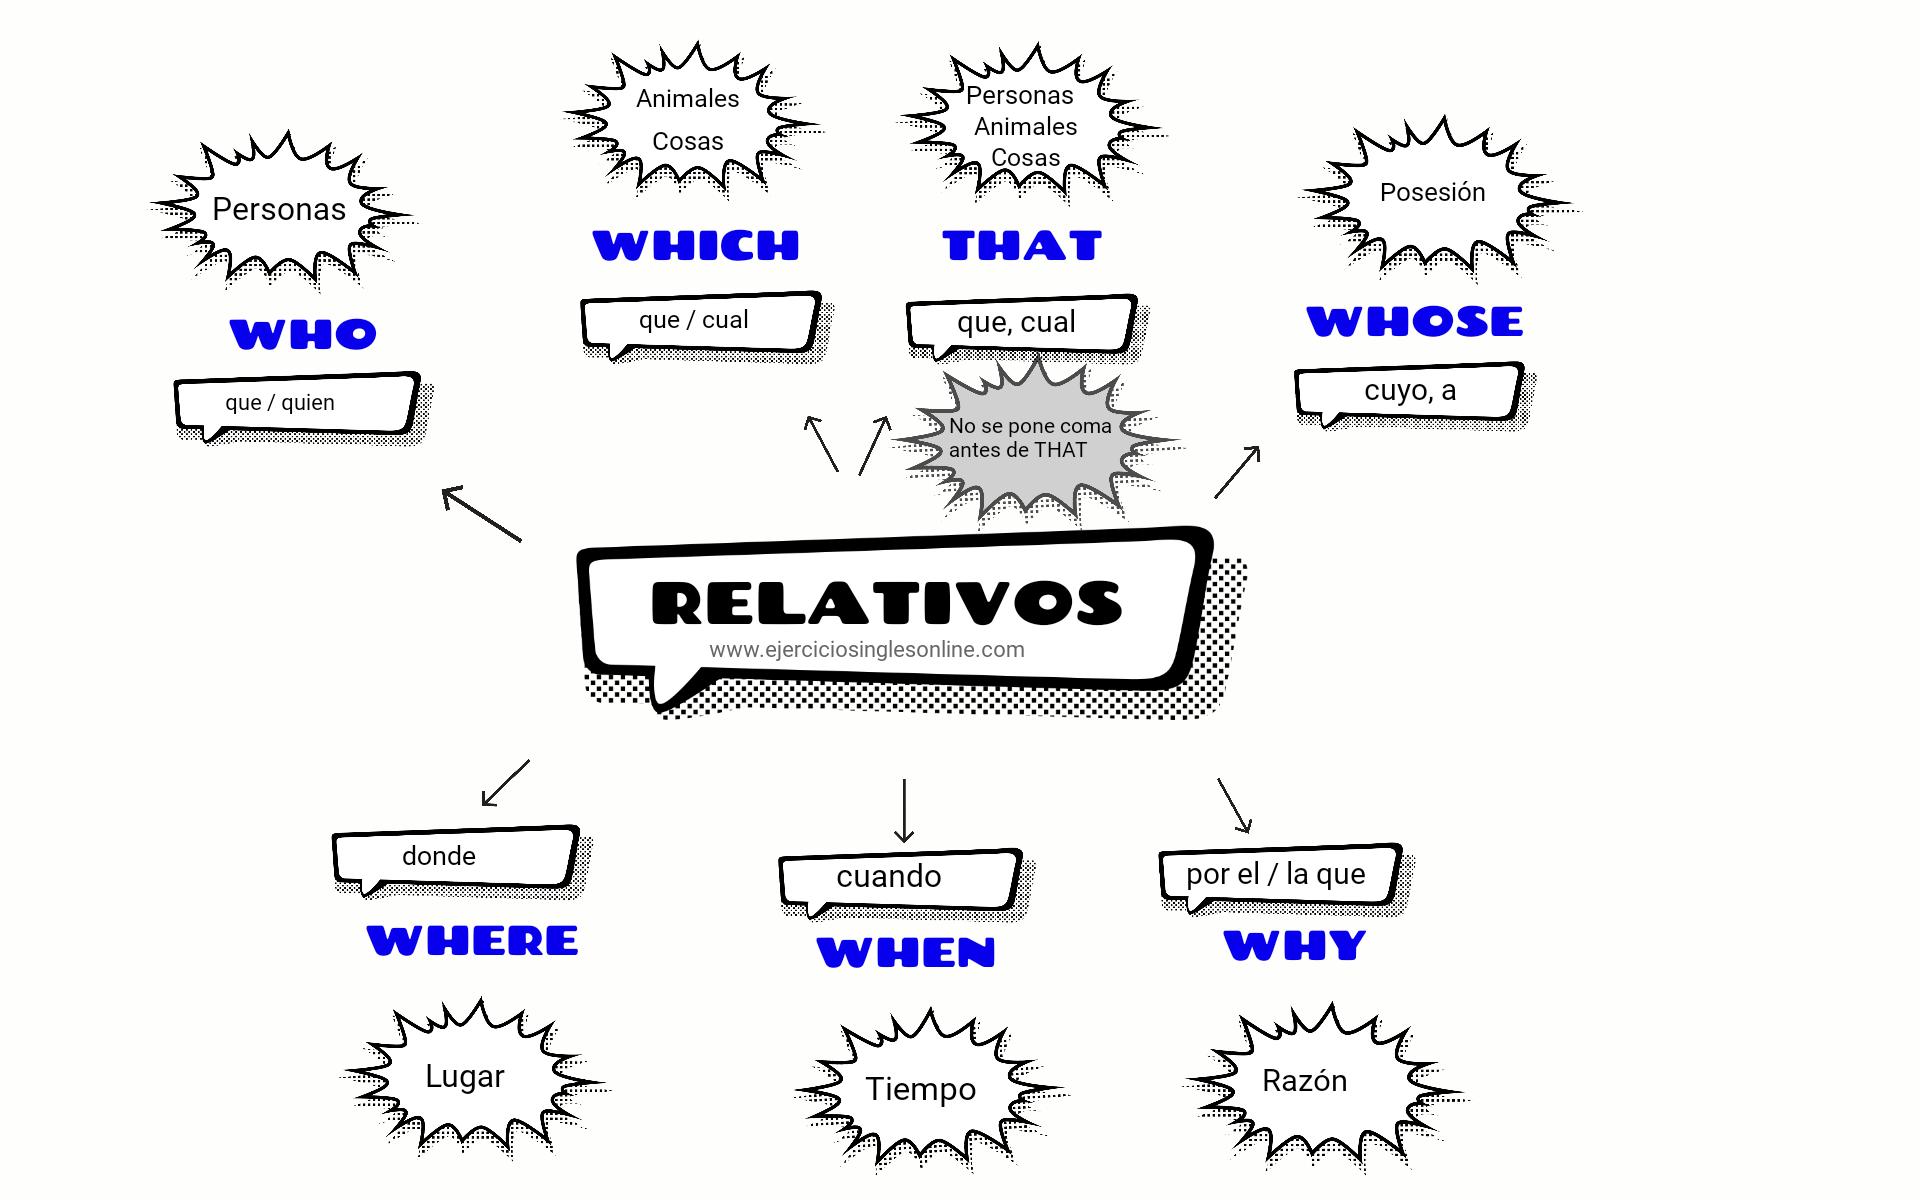 Relativos - Ejercicio 7 - Interactivo